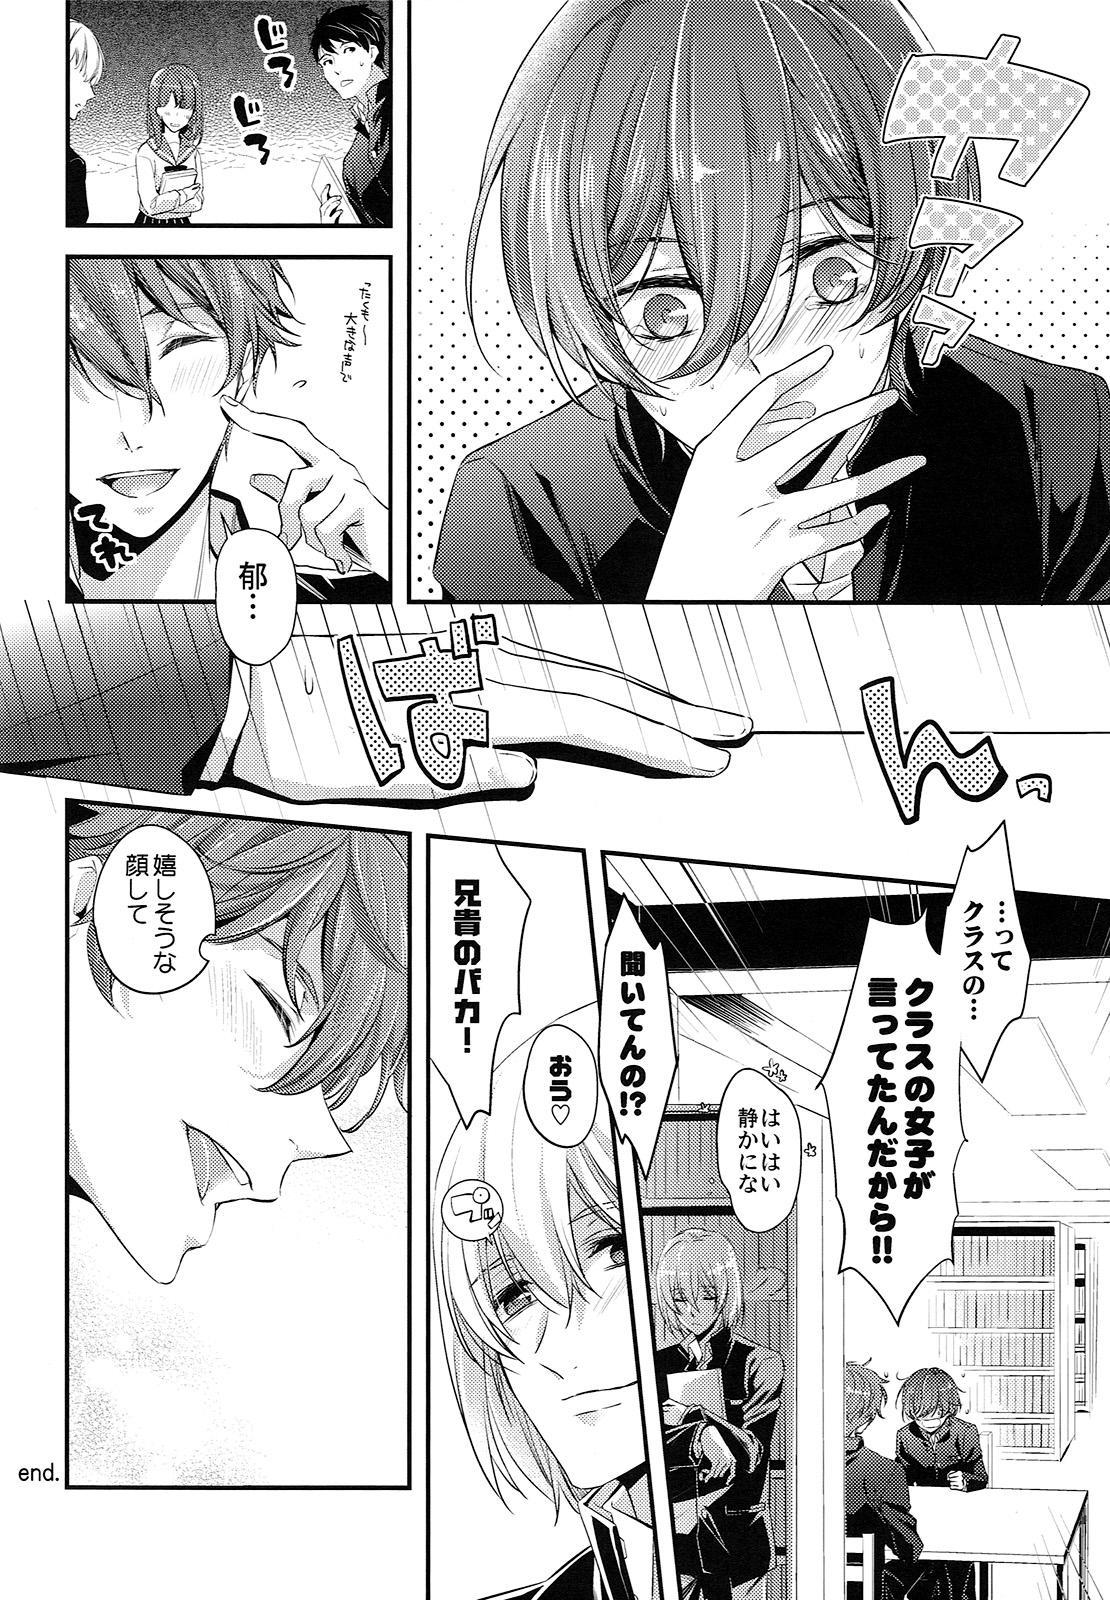 Aniki ga Kakkoyokute Shinpaisugiru! 14